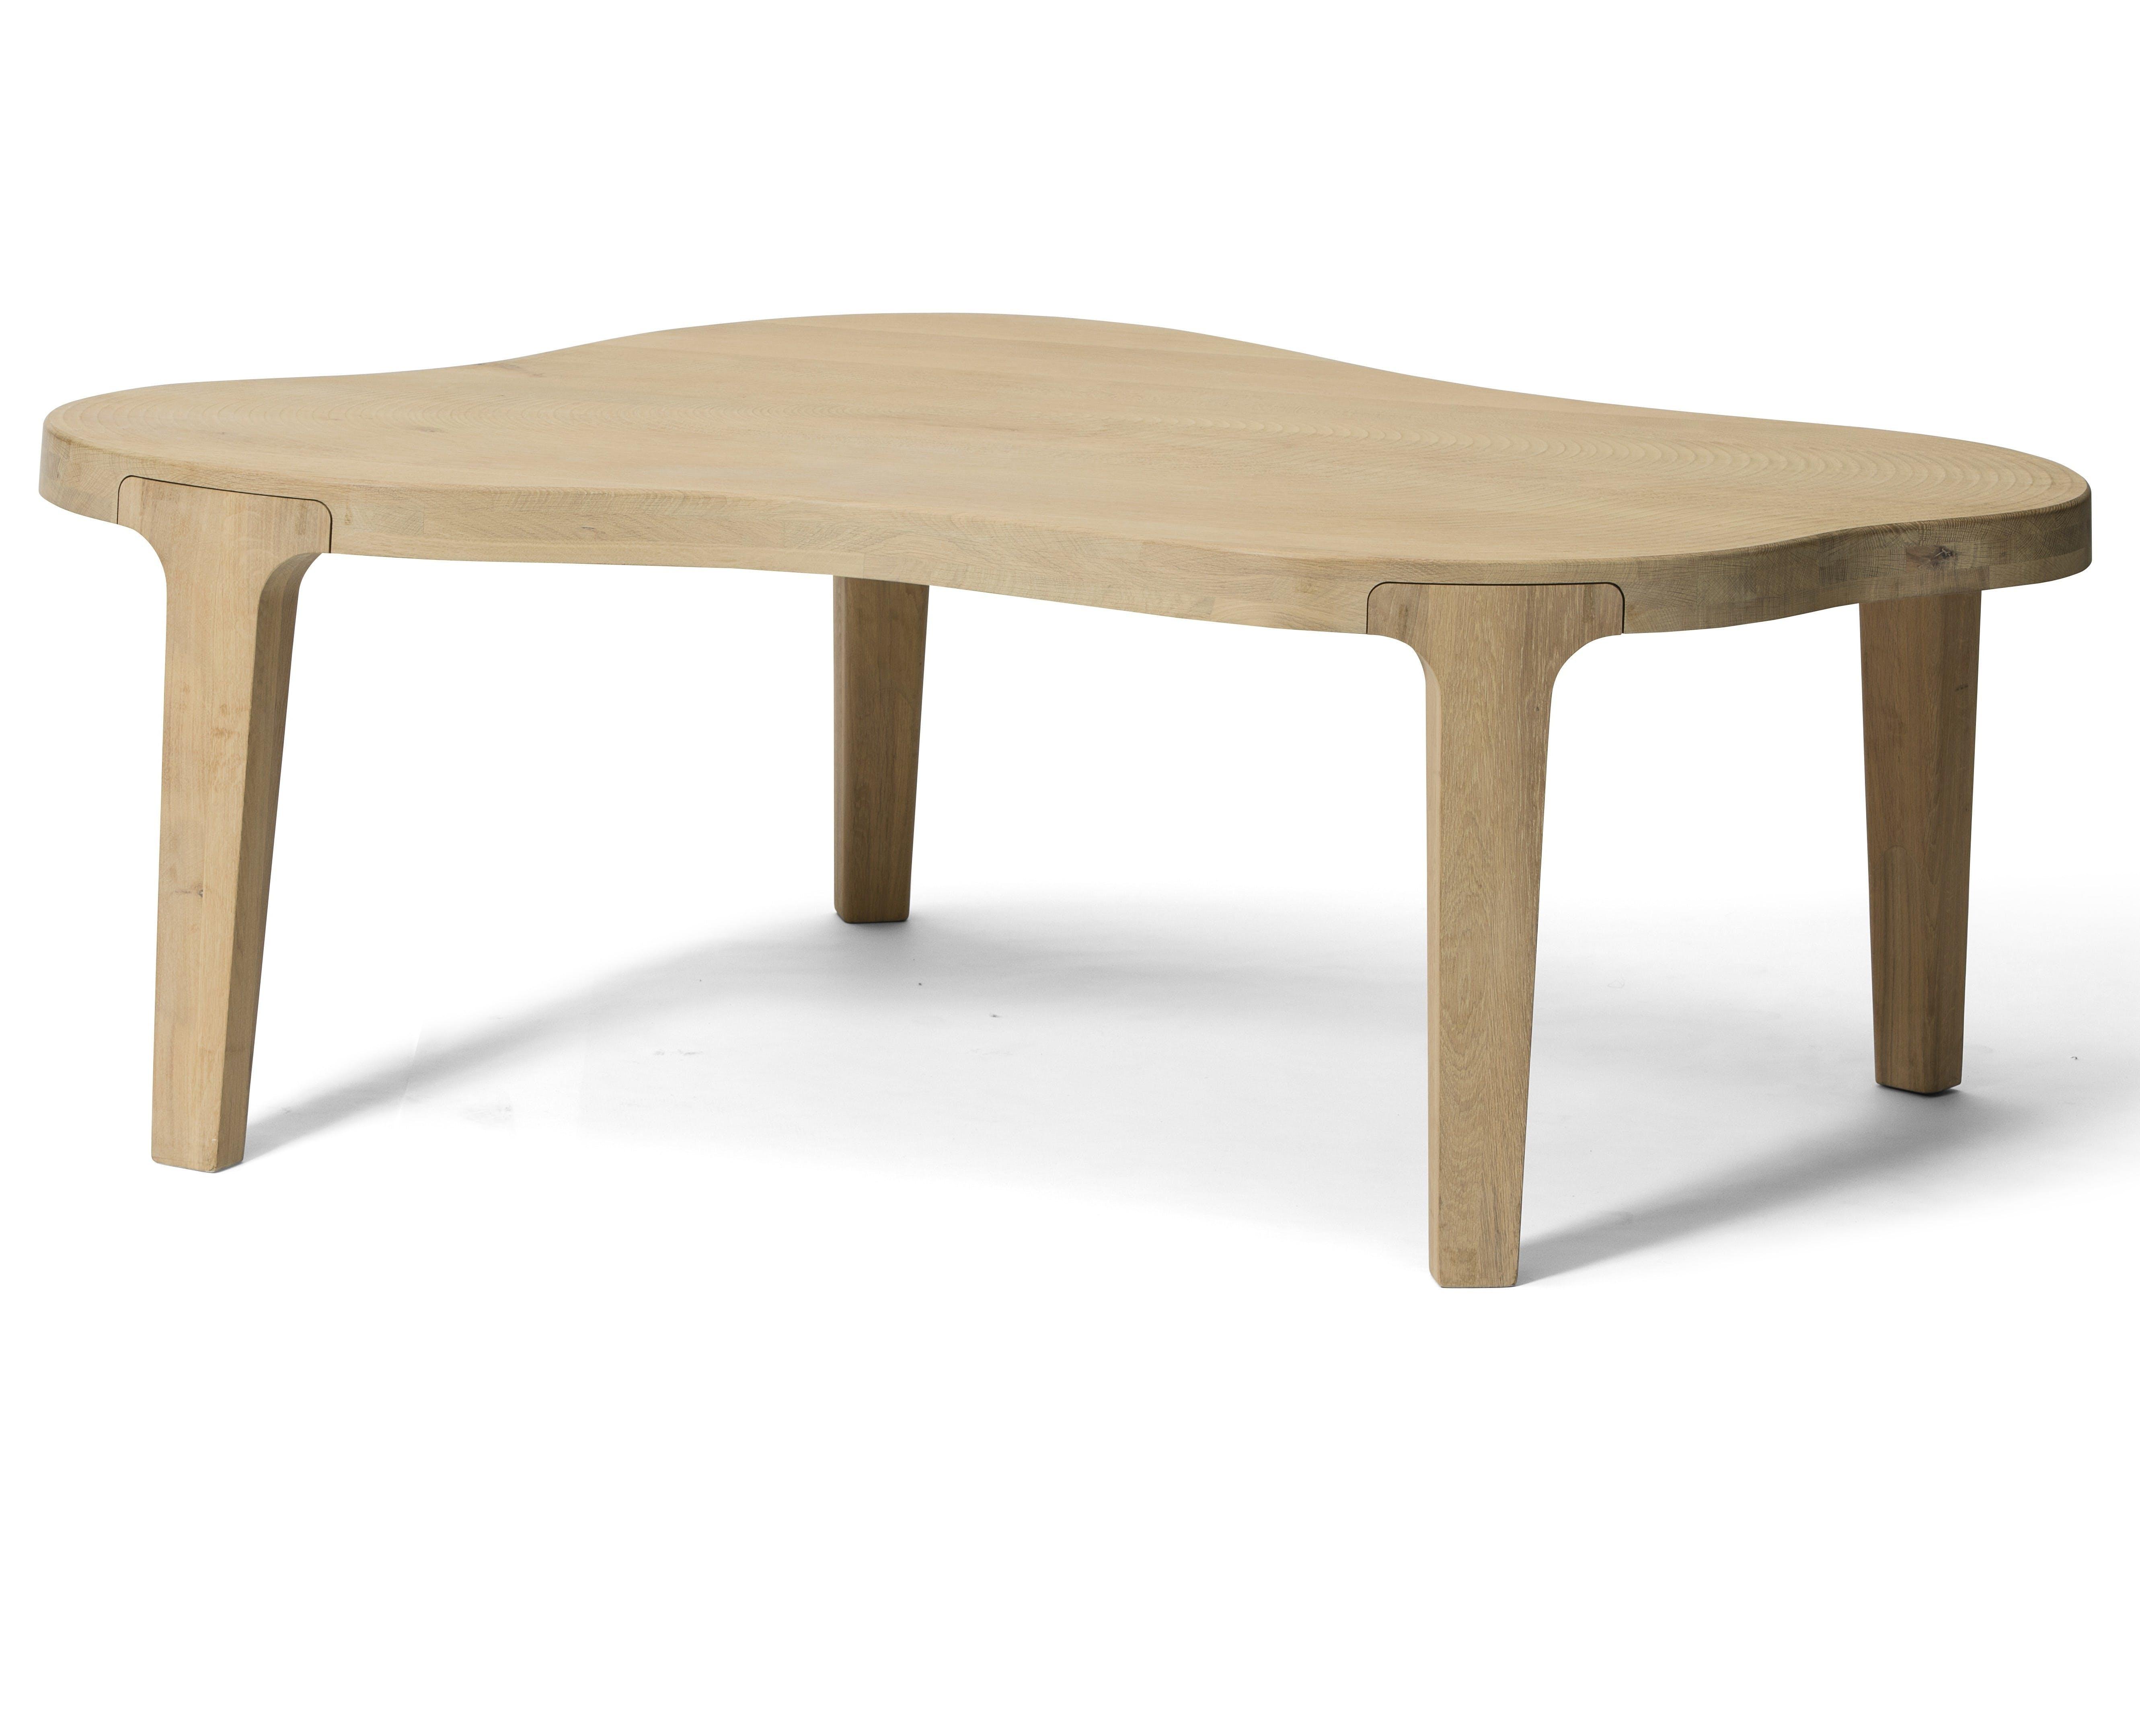 Linteloo-tan-isola-table-haute-living